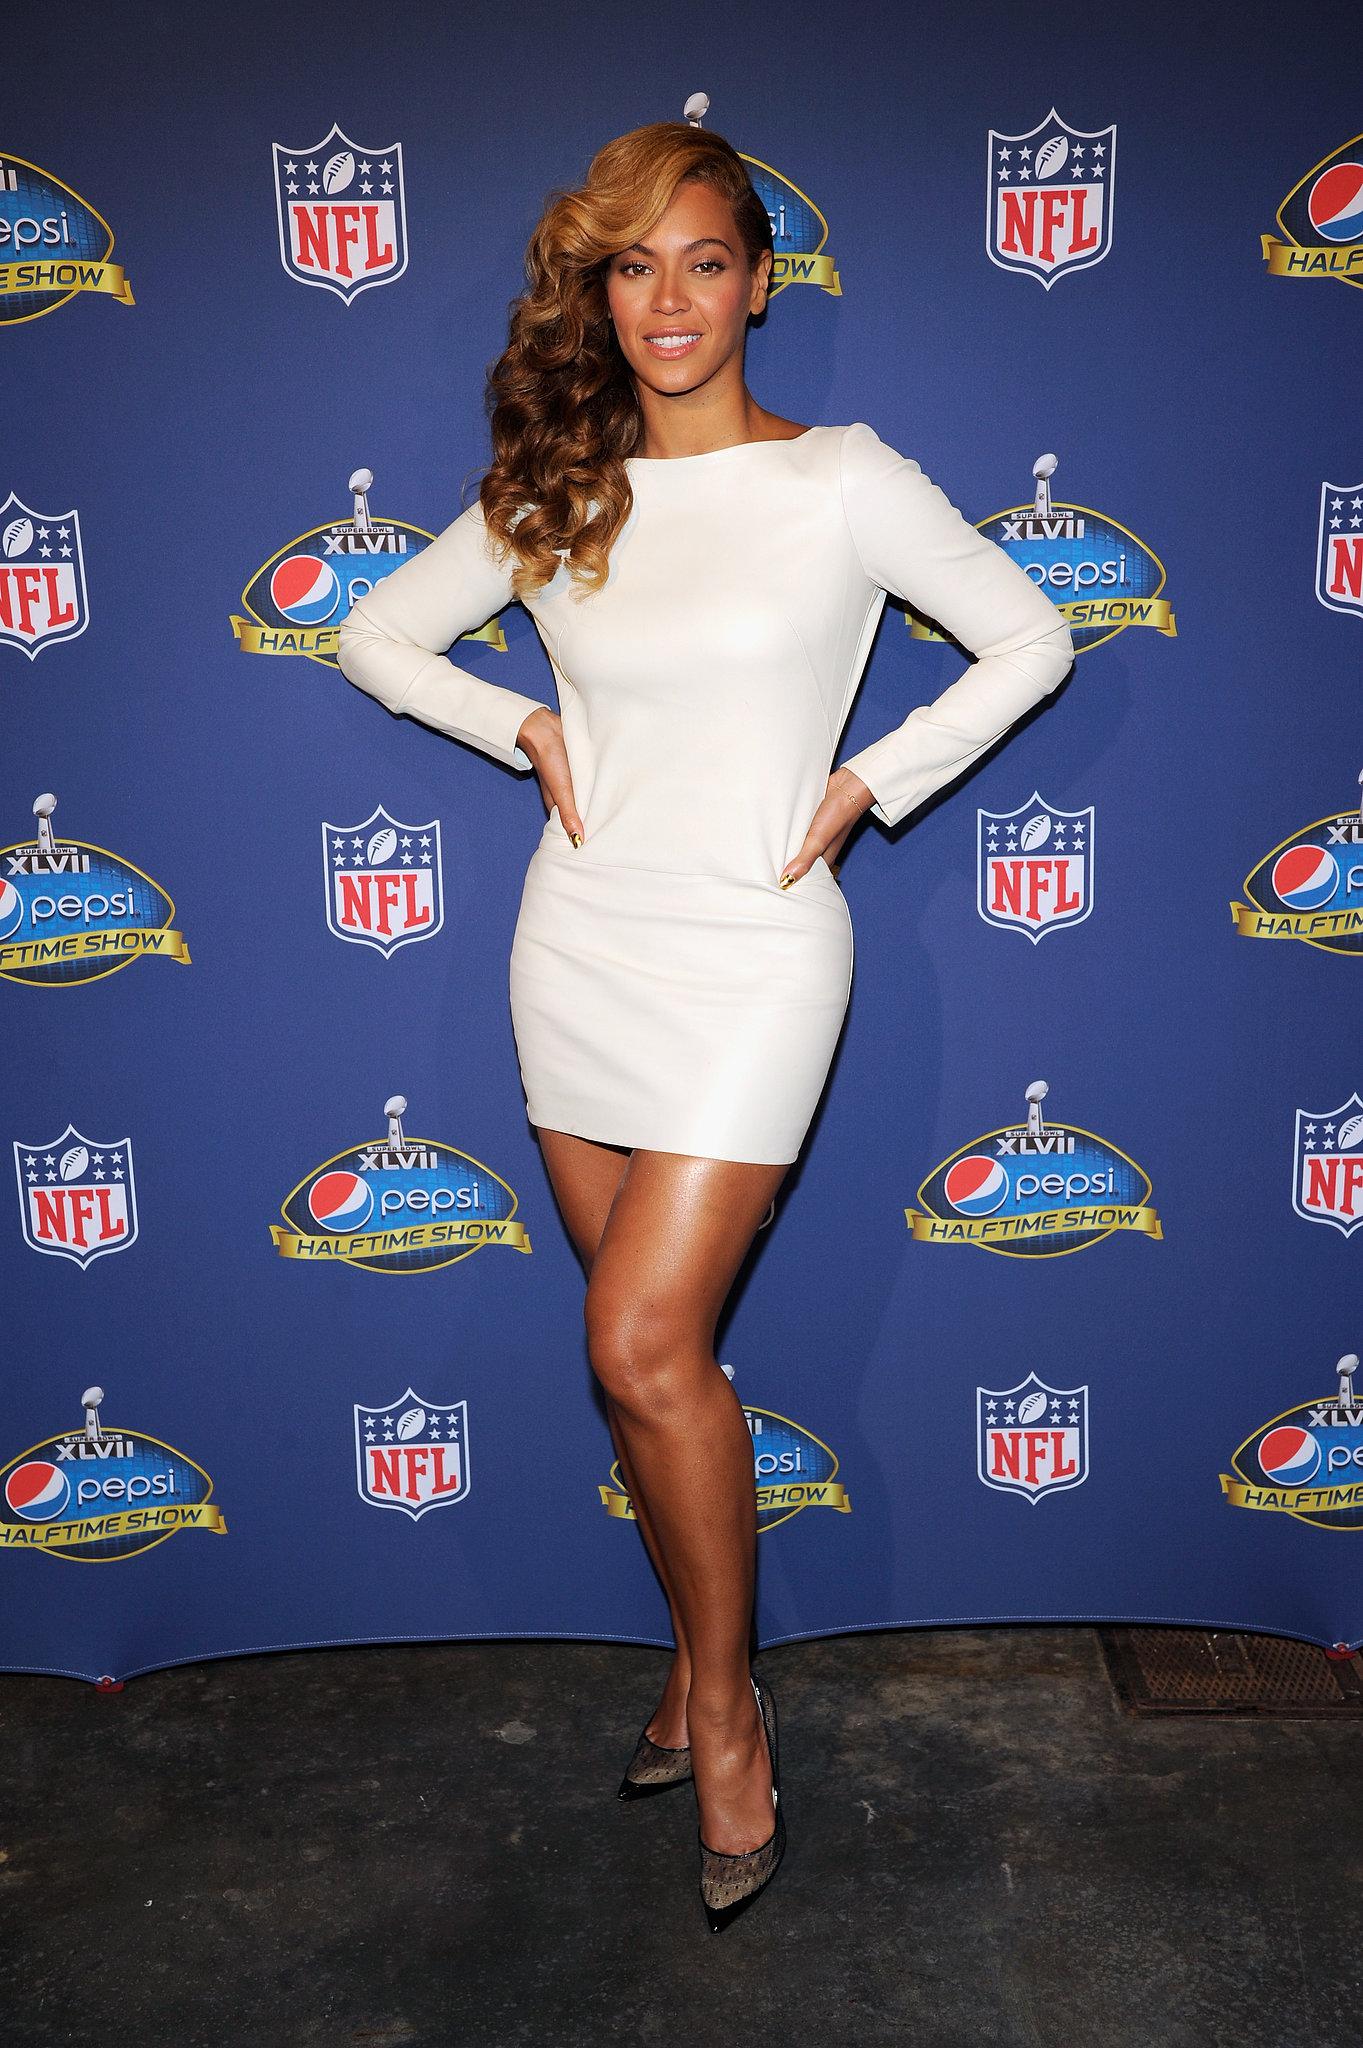 2013, Super Bowl XLVII Halftime Press Conference